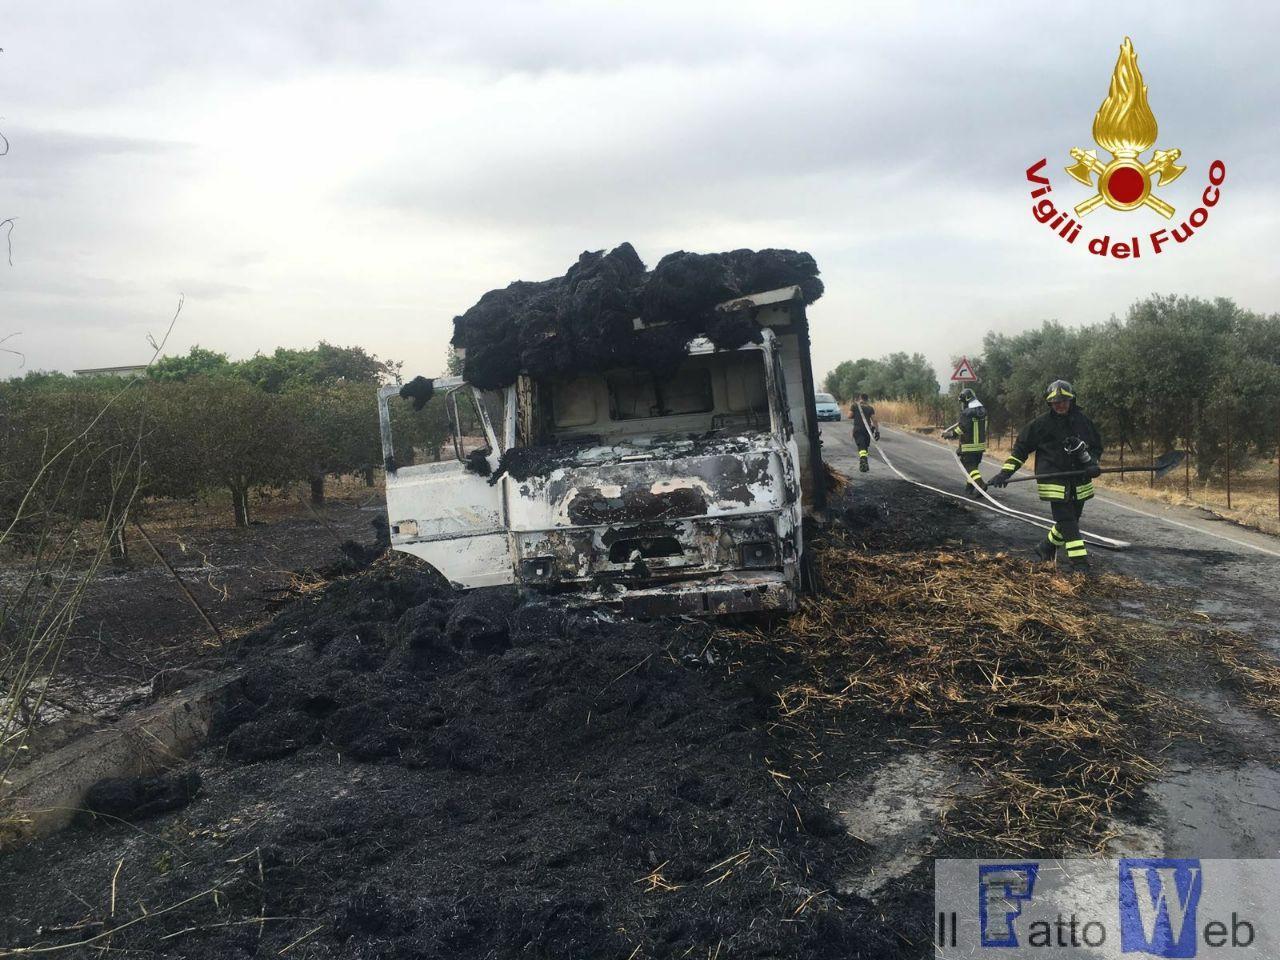 2017_06_28 Intervento per incendio camion